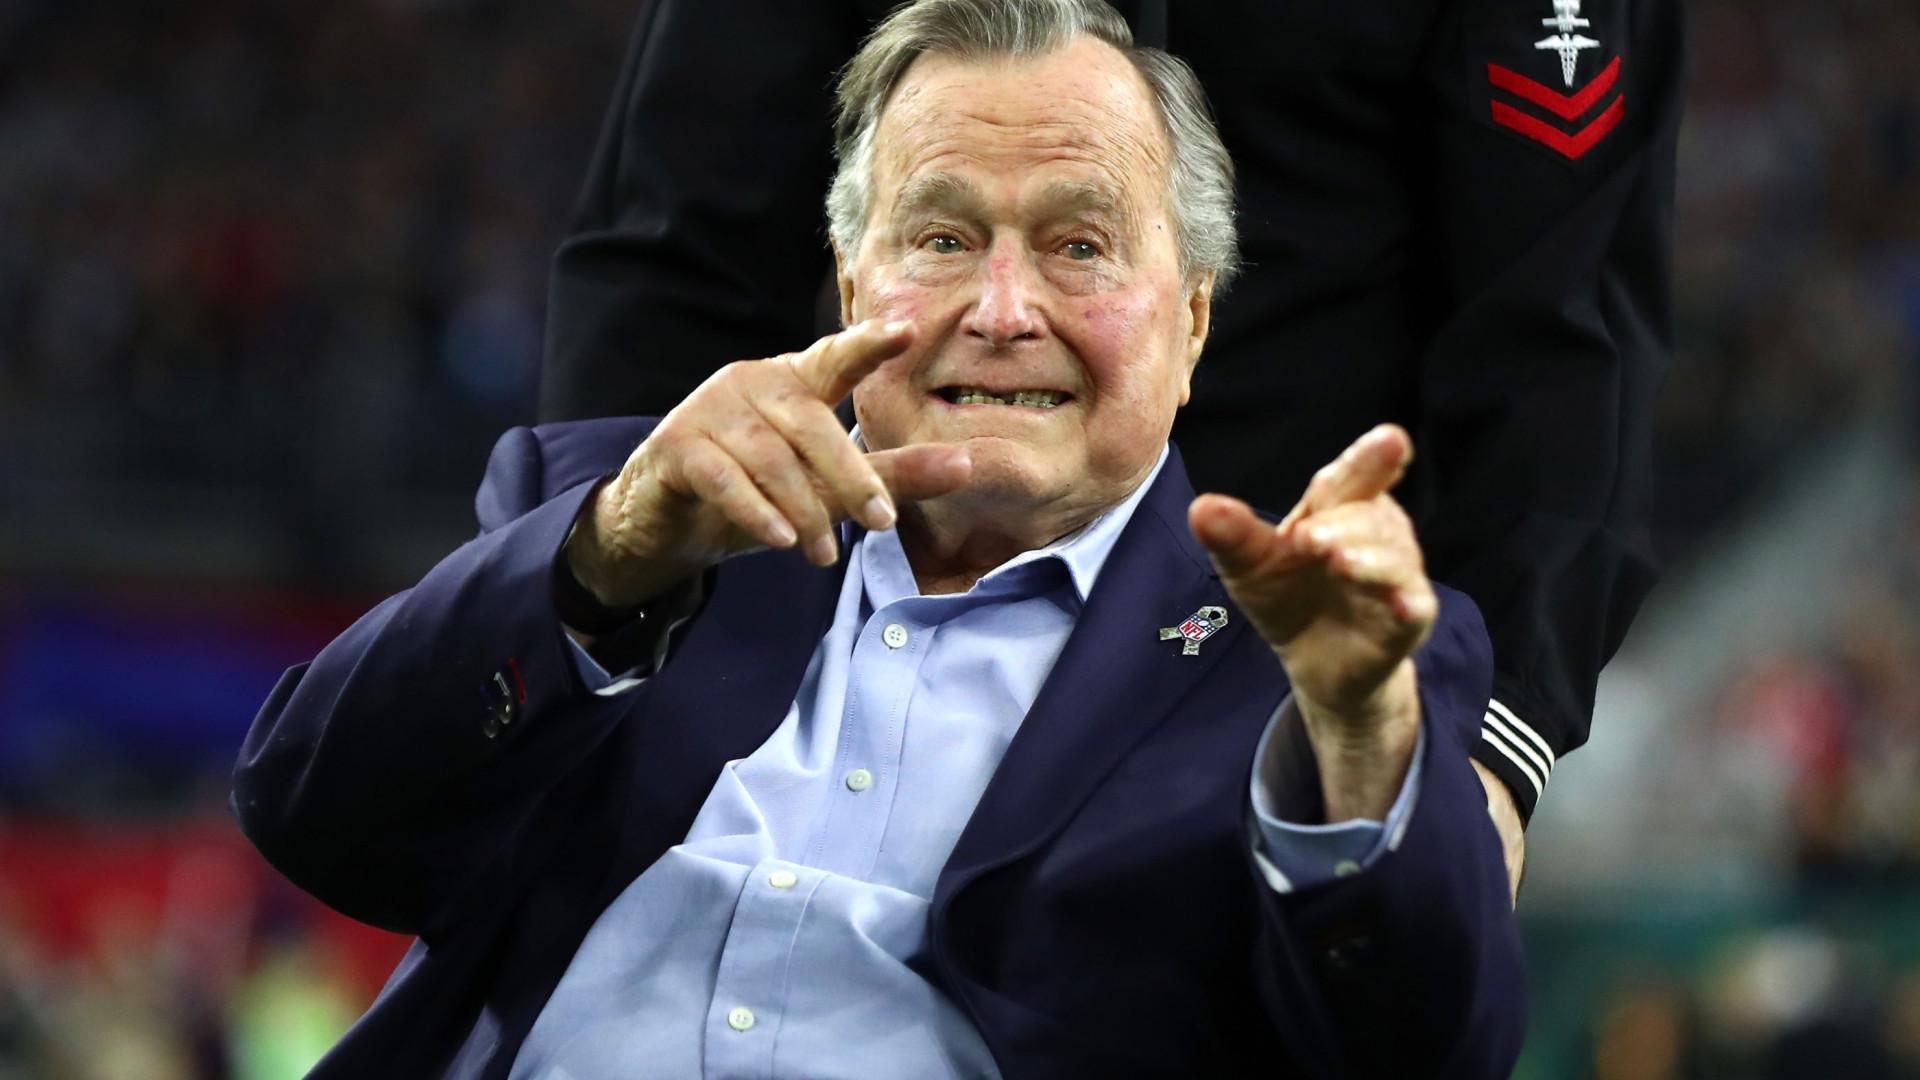 Morreu George H. W. Bush, antigo presidente dos EUA